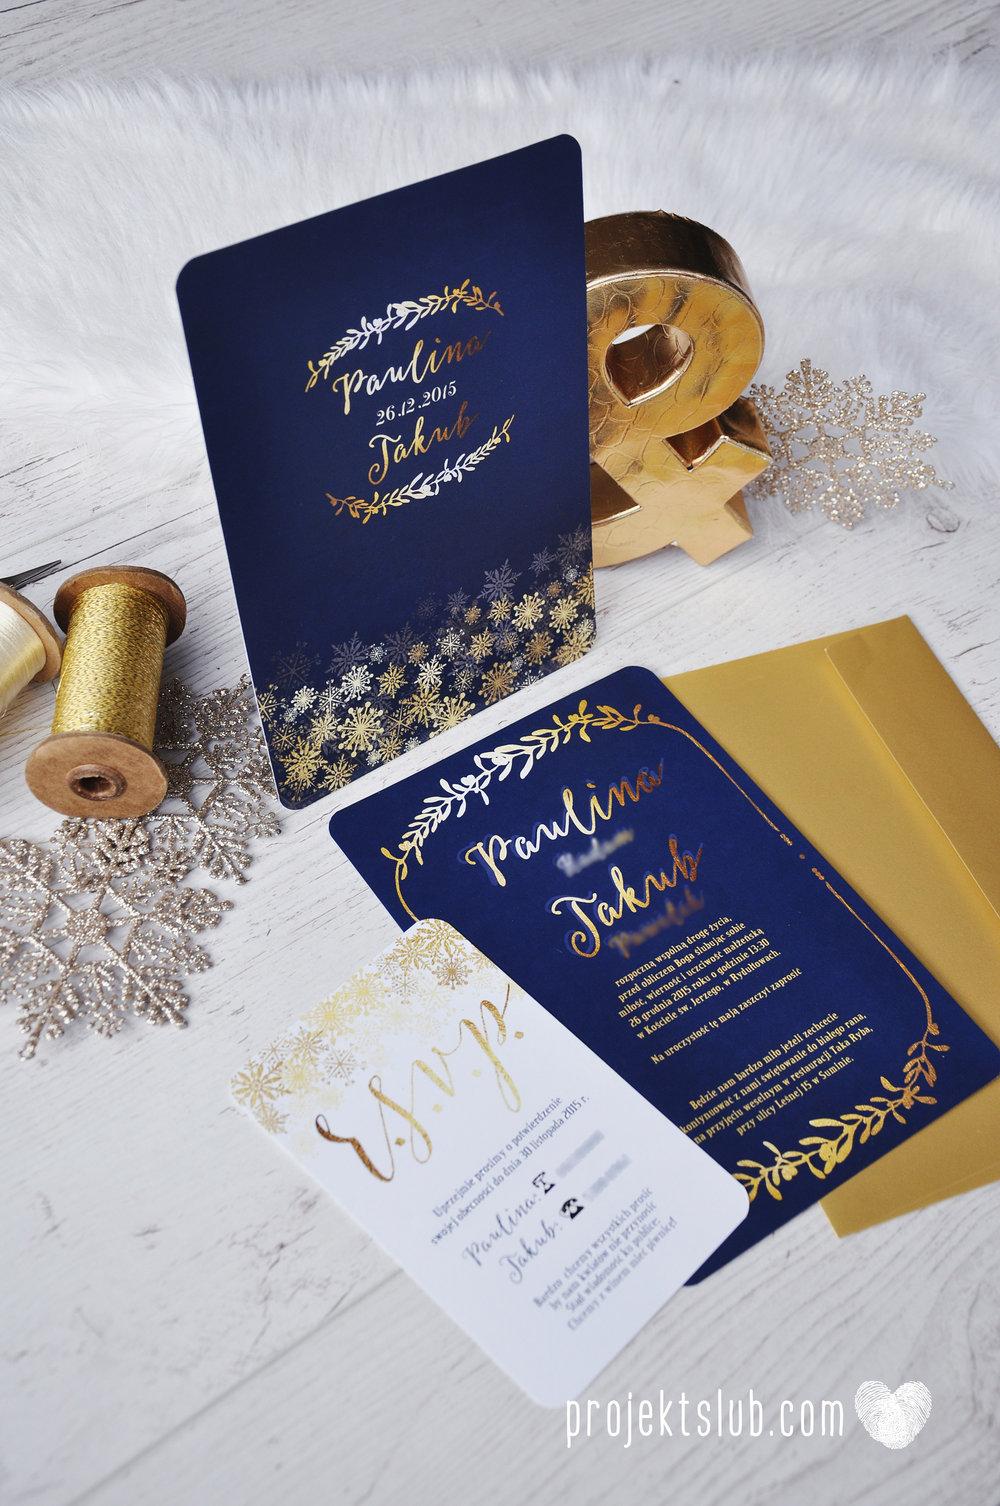 oryginalne zaproszenia ślubne eleganckie zimowe wesele boże narodzenie granatowe złote śnieżynki płatki śniegu biel glamour gwiazdki projekt ślub (5).jpg